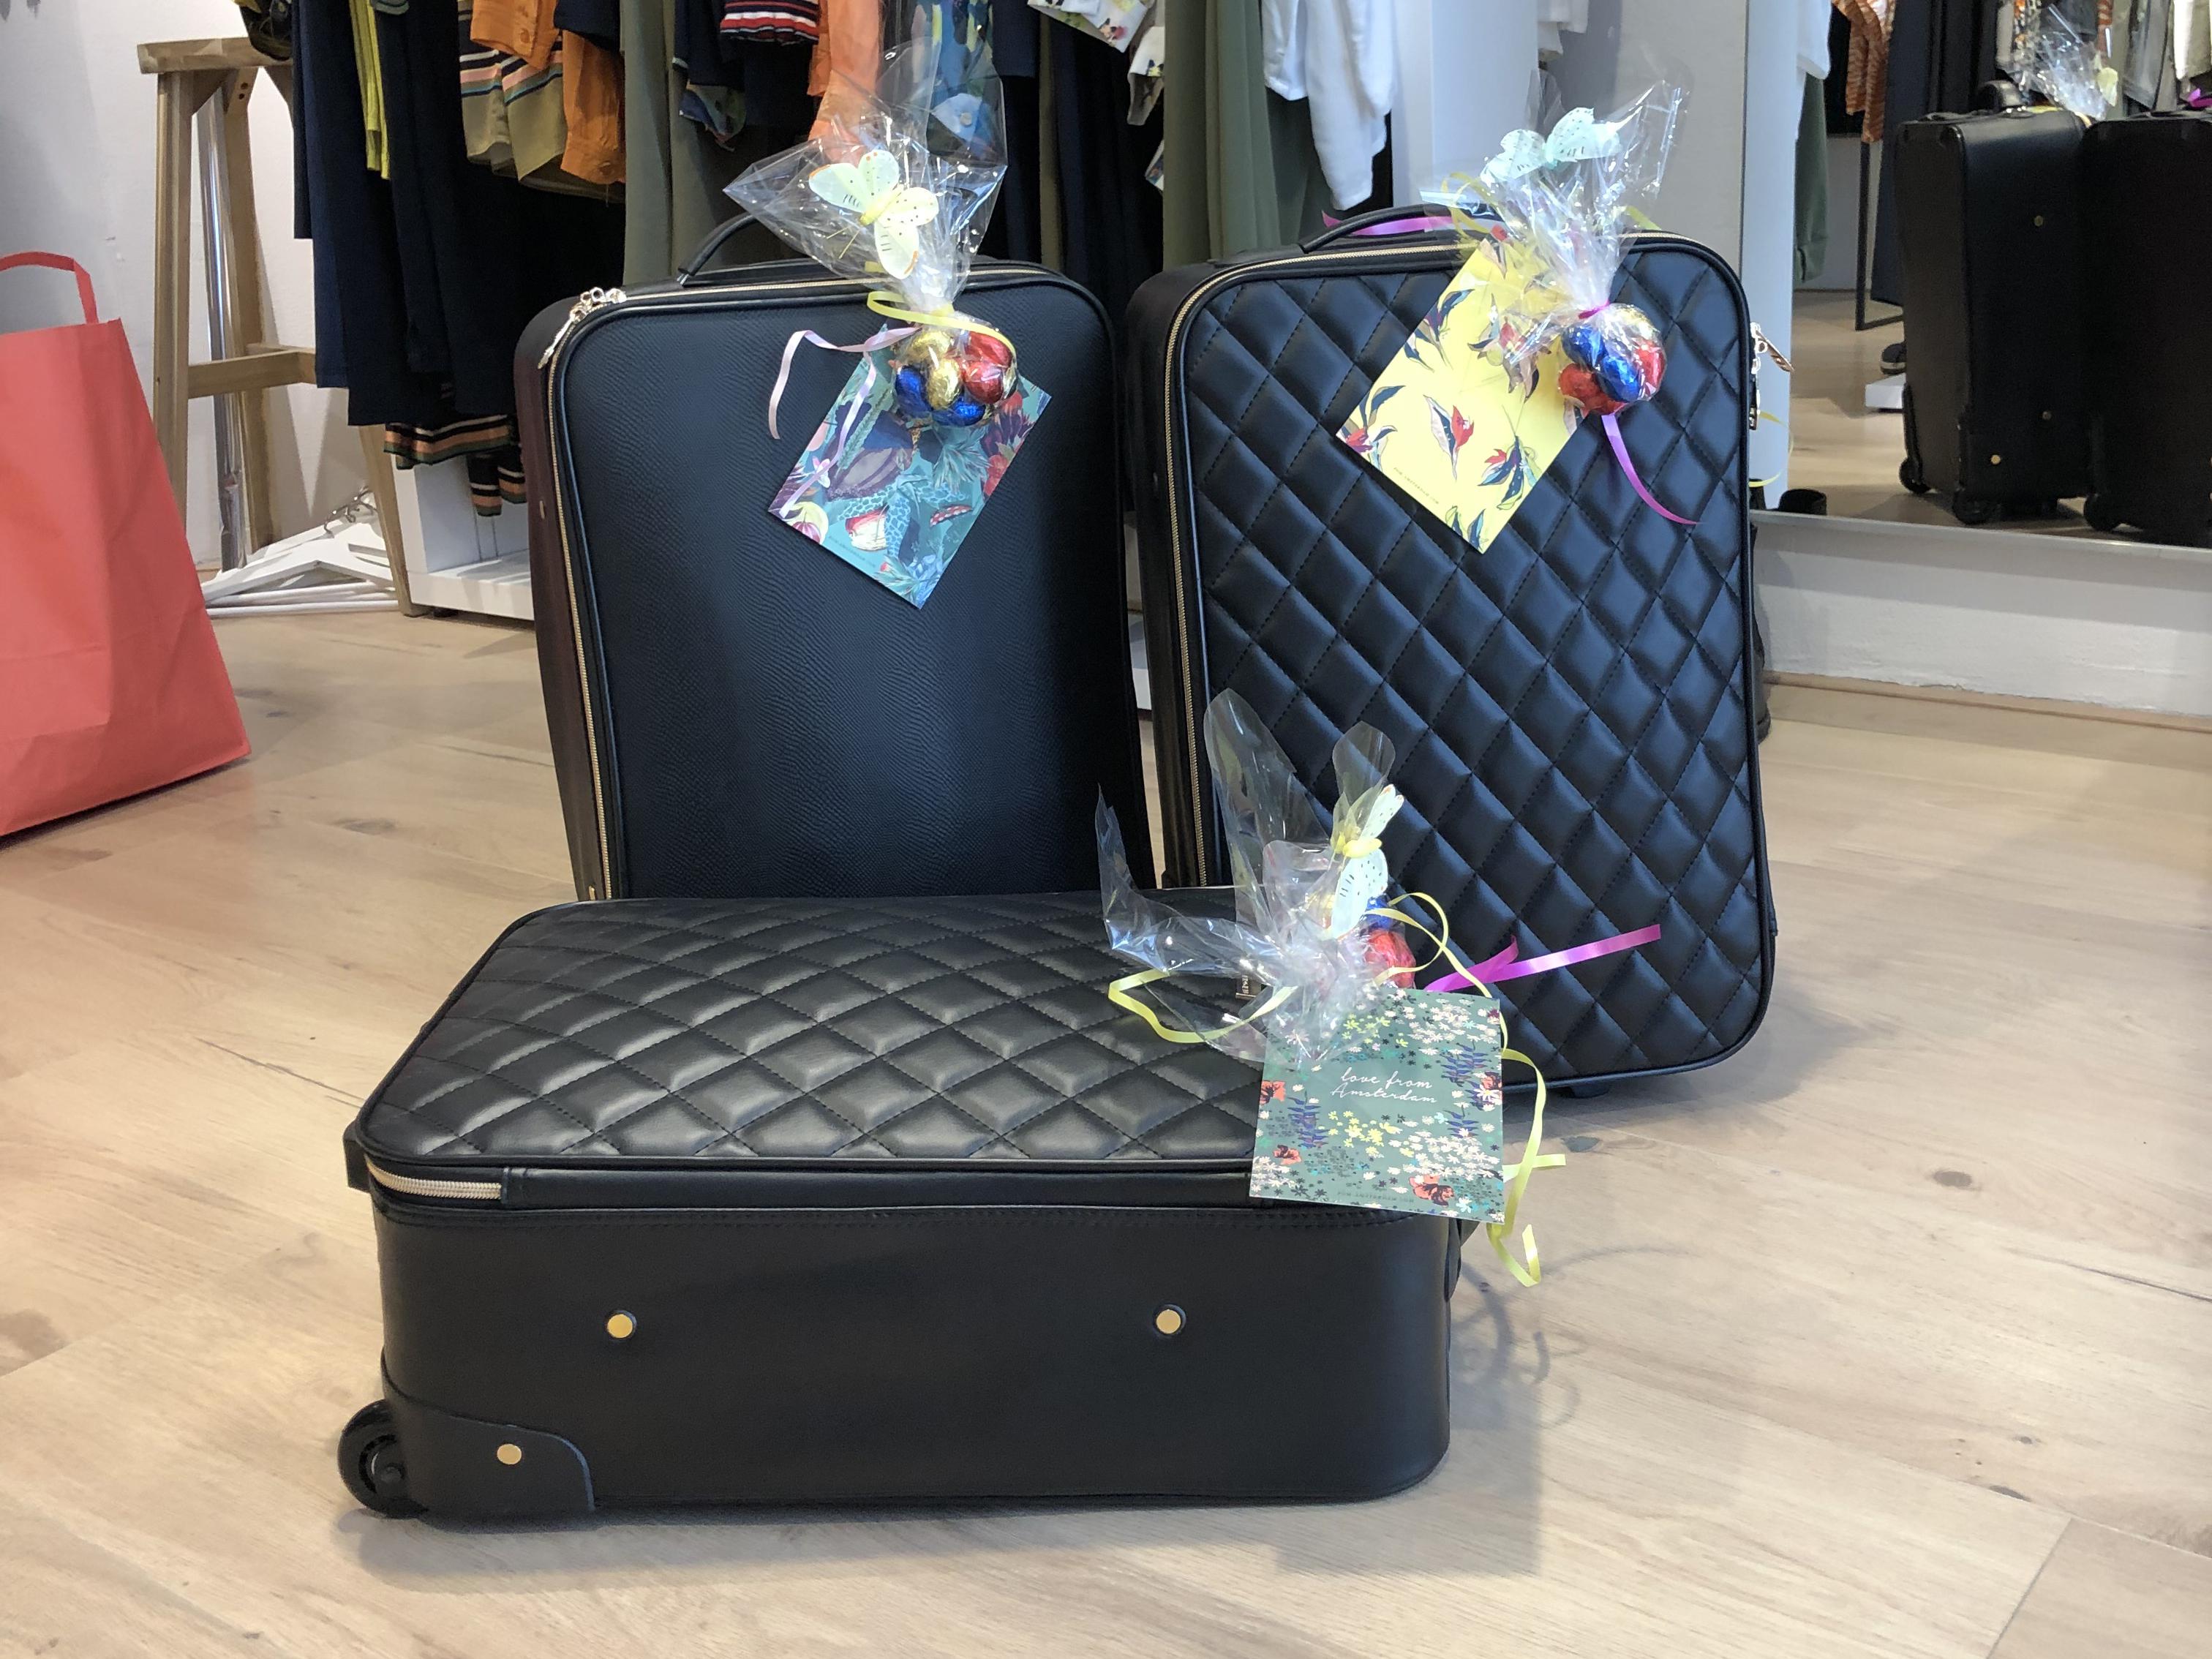 Laat door ons een koffer op maat samenstellen, ook een leuk idee als cadeau! Wordt bezorgd, neem contact met ons op.